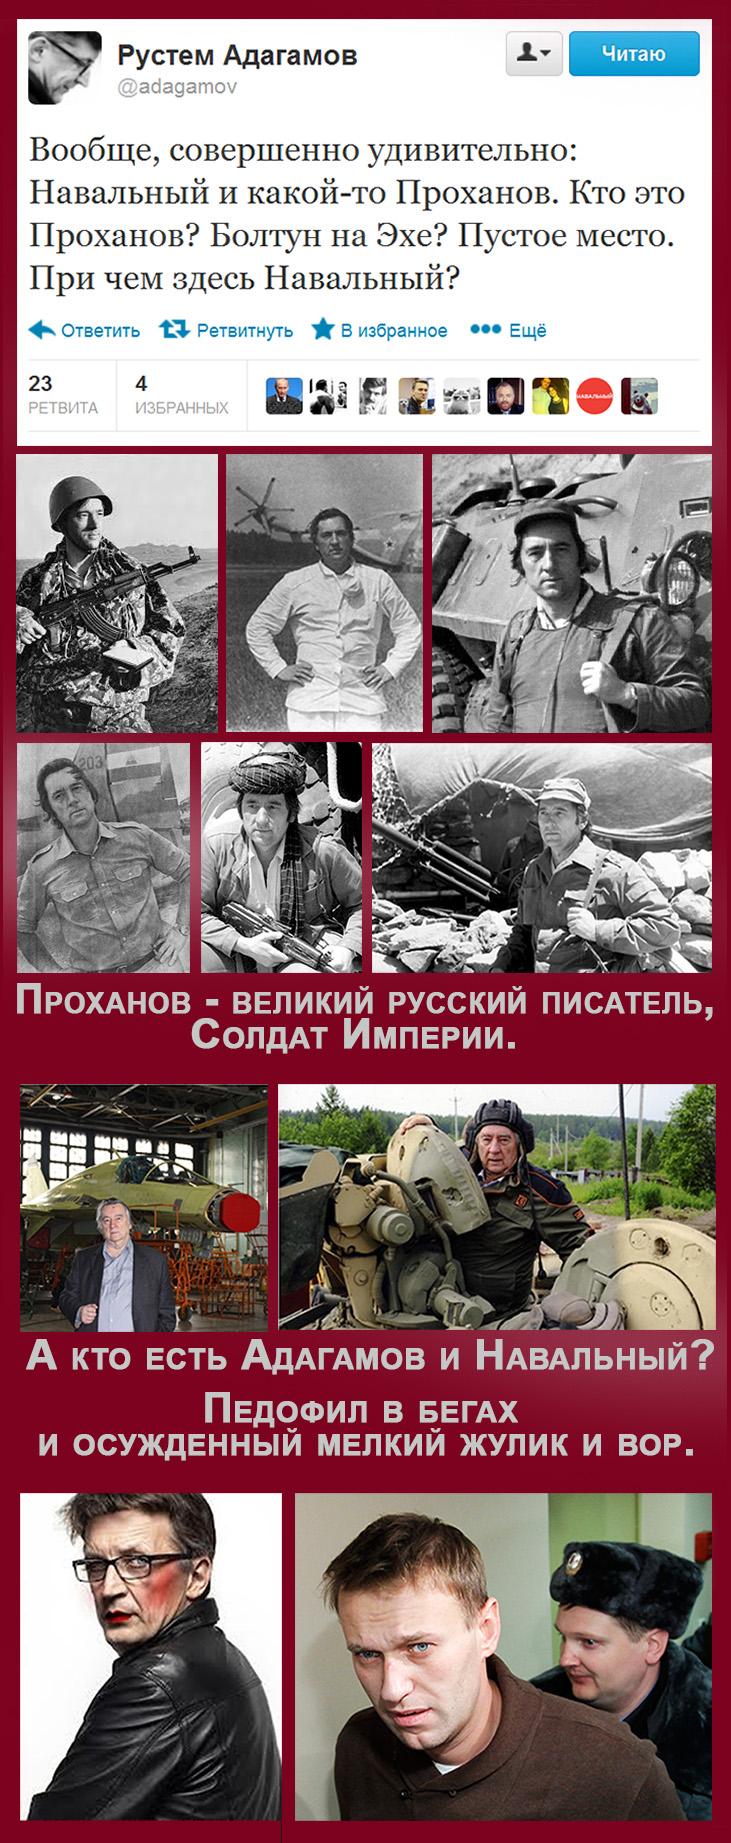 http://ic.pics.livejournal.com/russky_narod/32485578/368982/368982_original.jpg